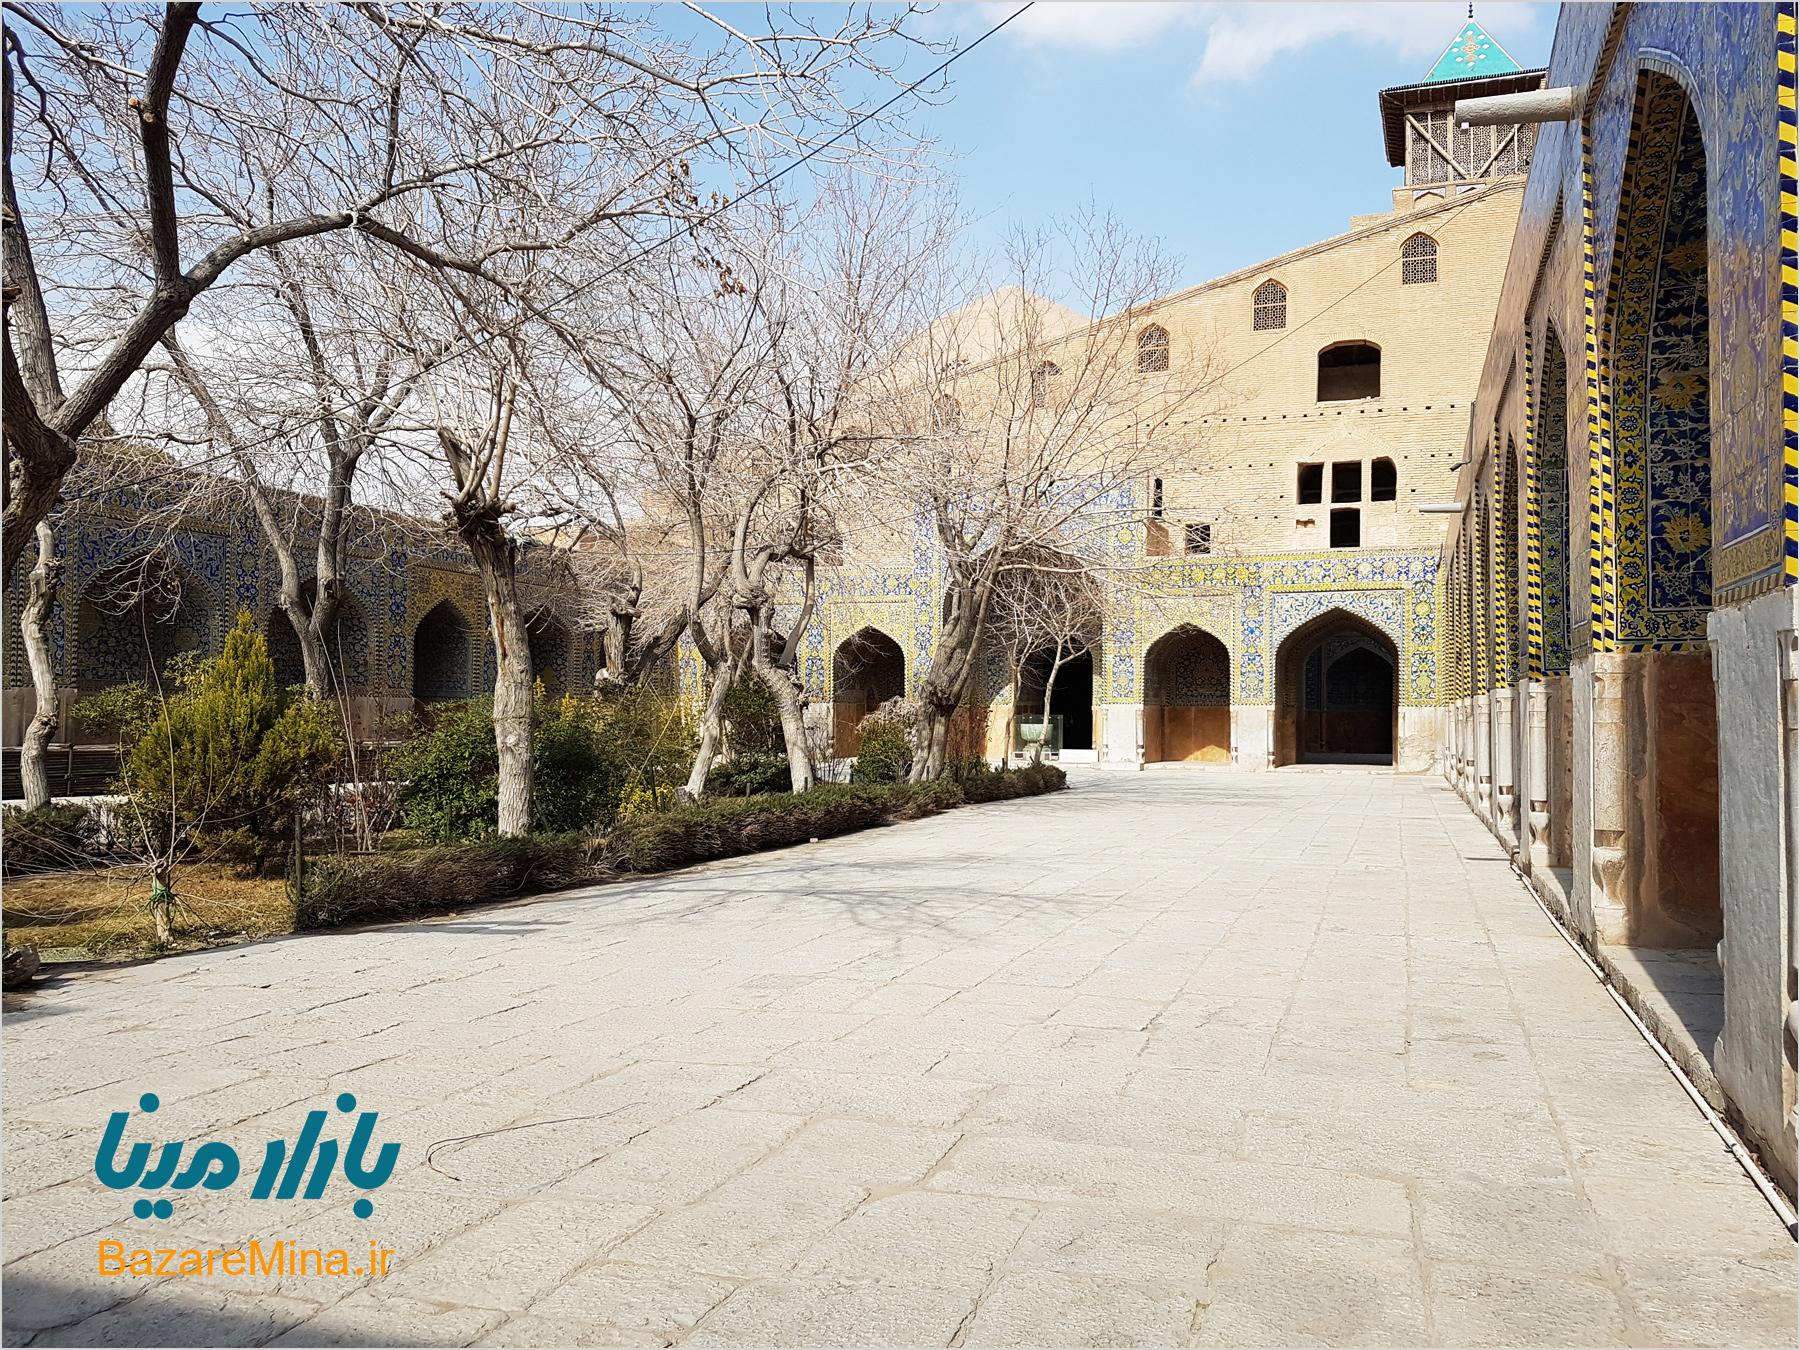 مسجد امام اصفهان، شاخصهی مهم معماری دوران صفوی